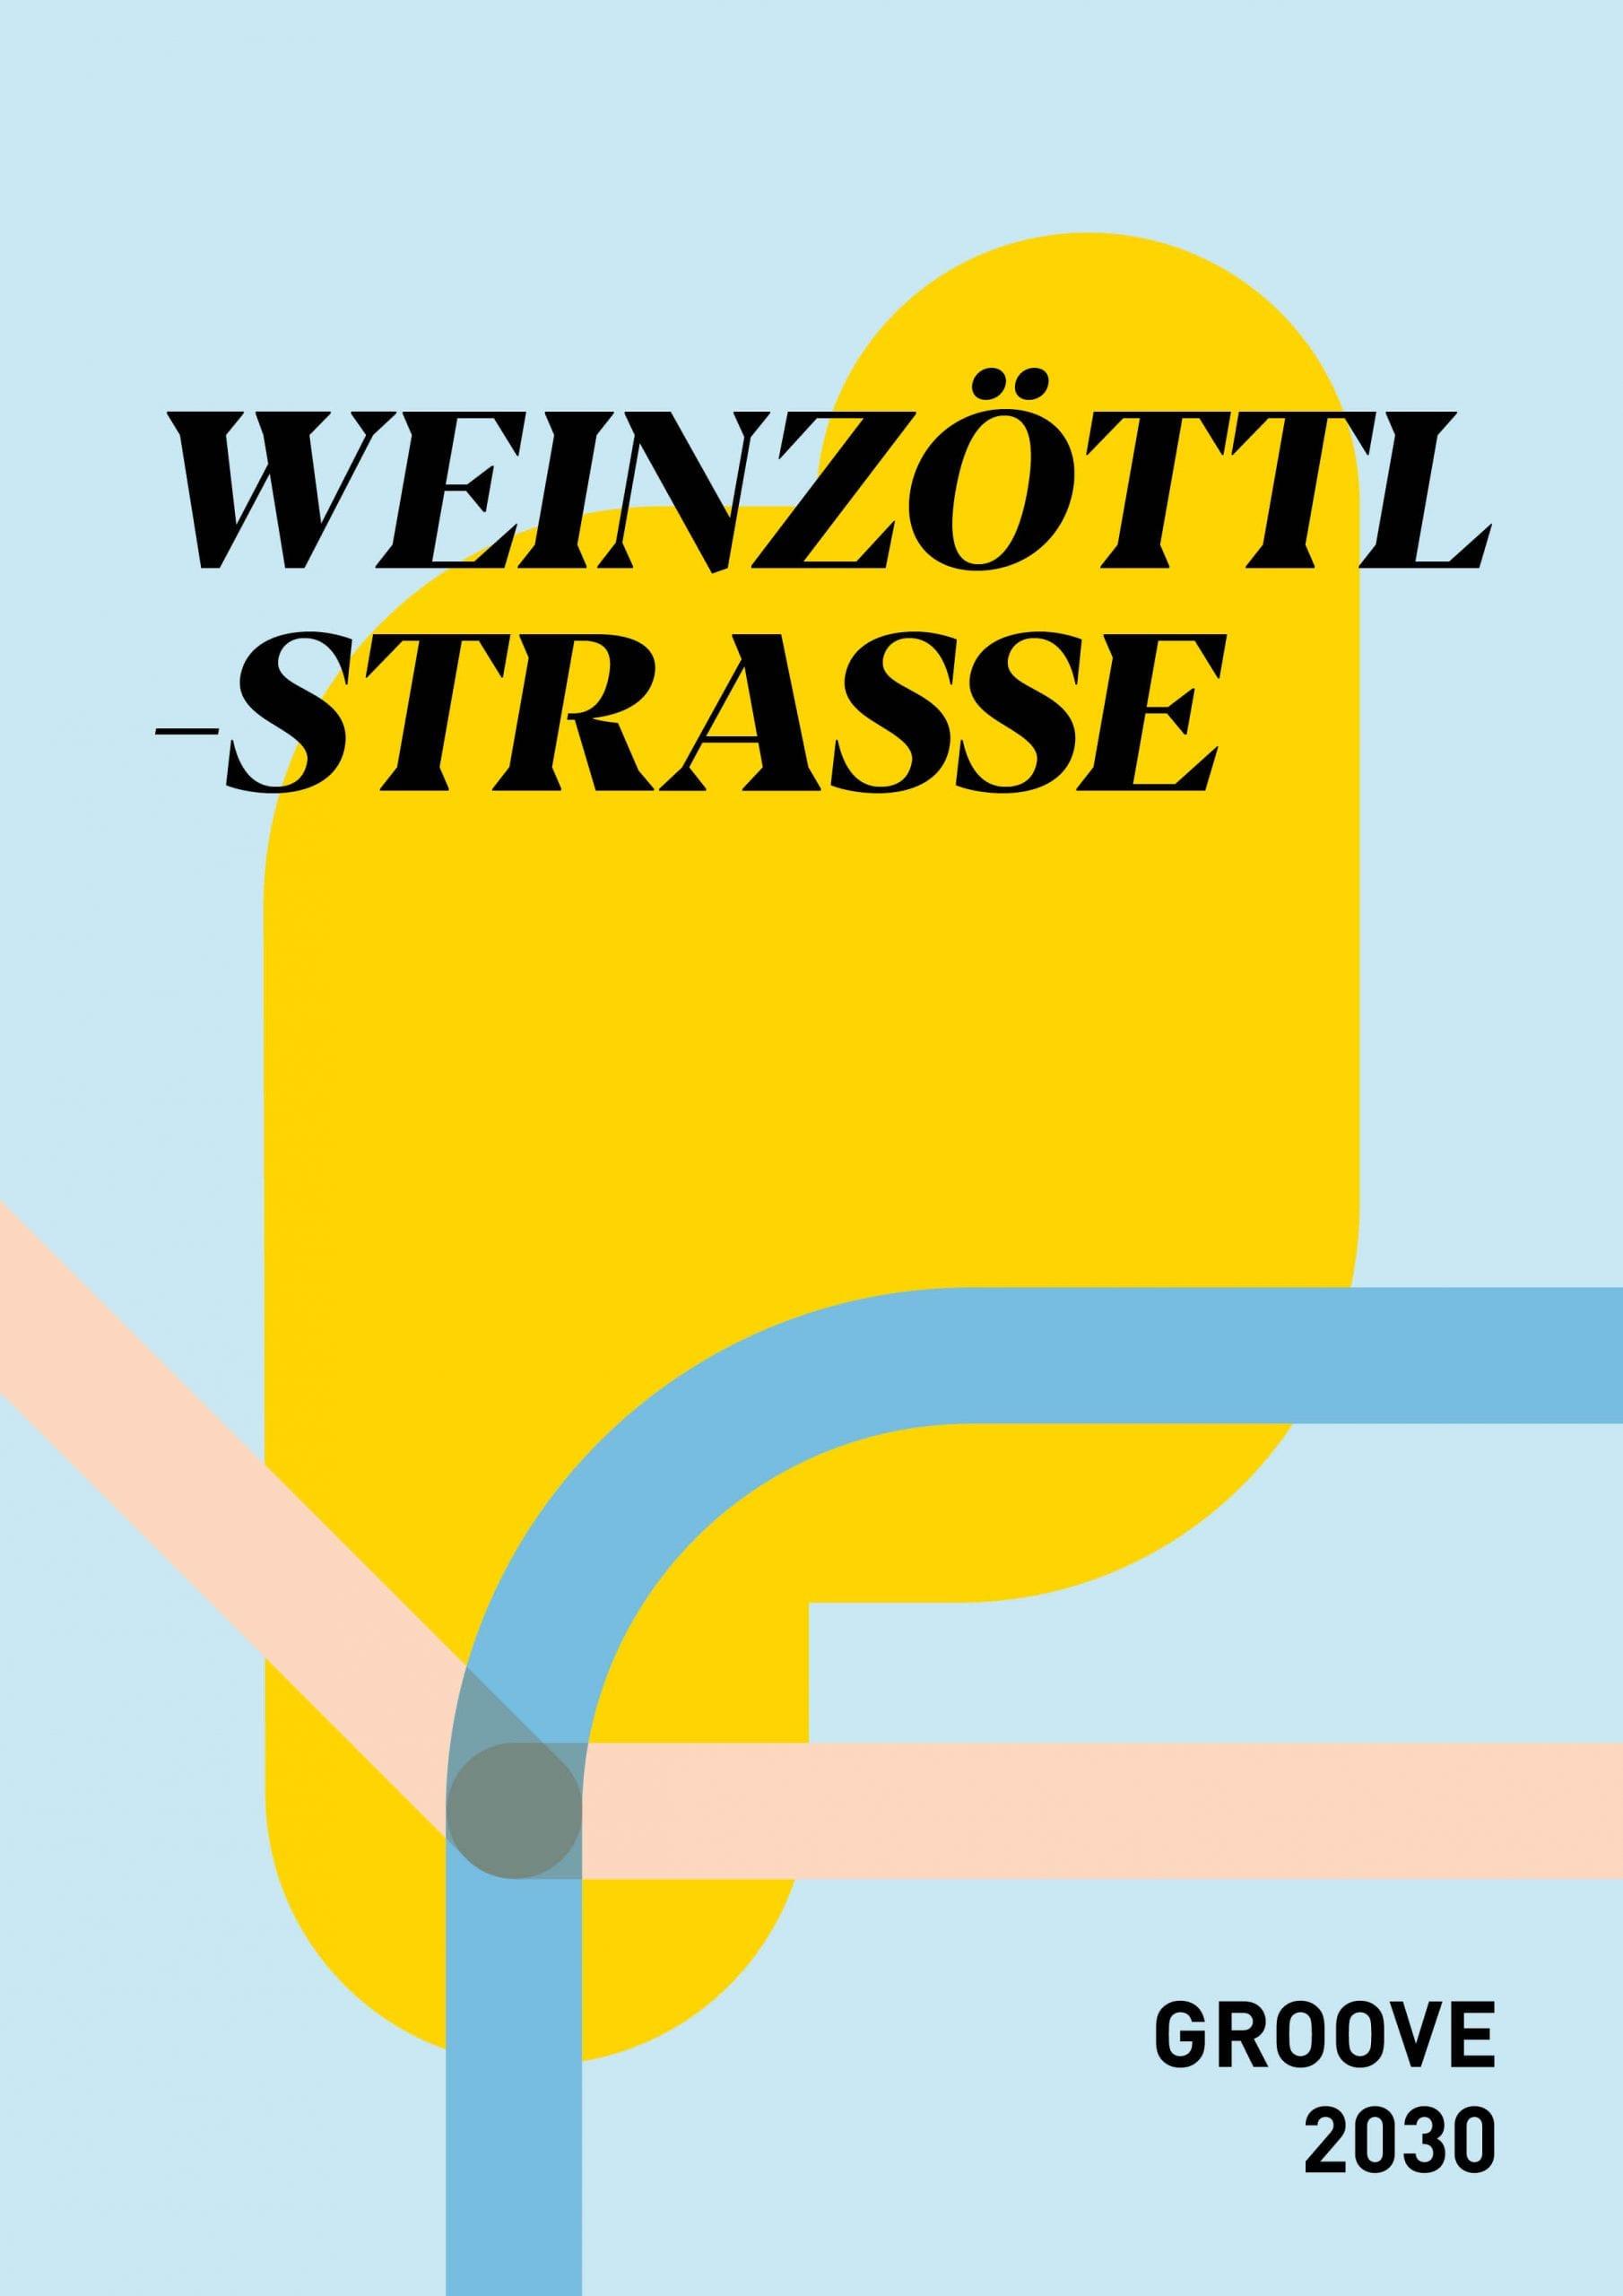 Projektübersicht der Weinzöttlstraße mit der Fertigstellung 2030